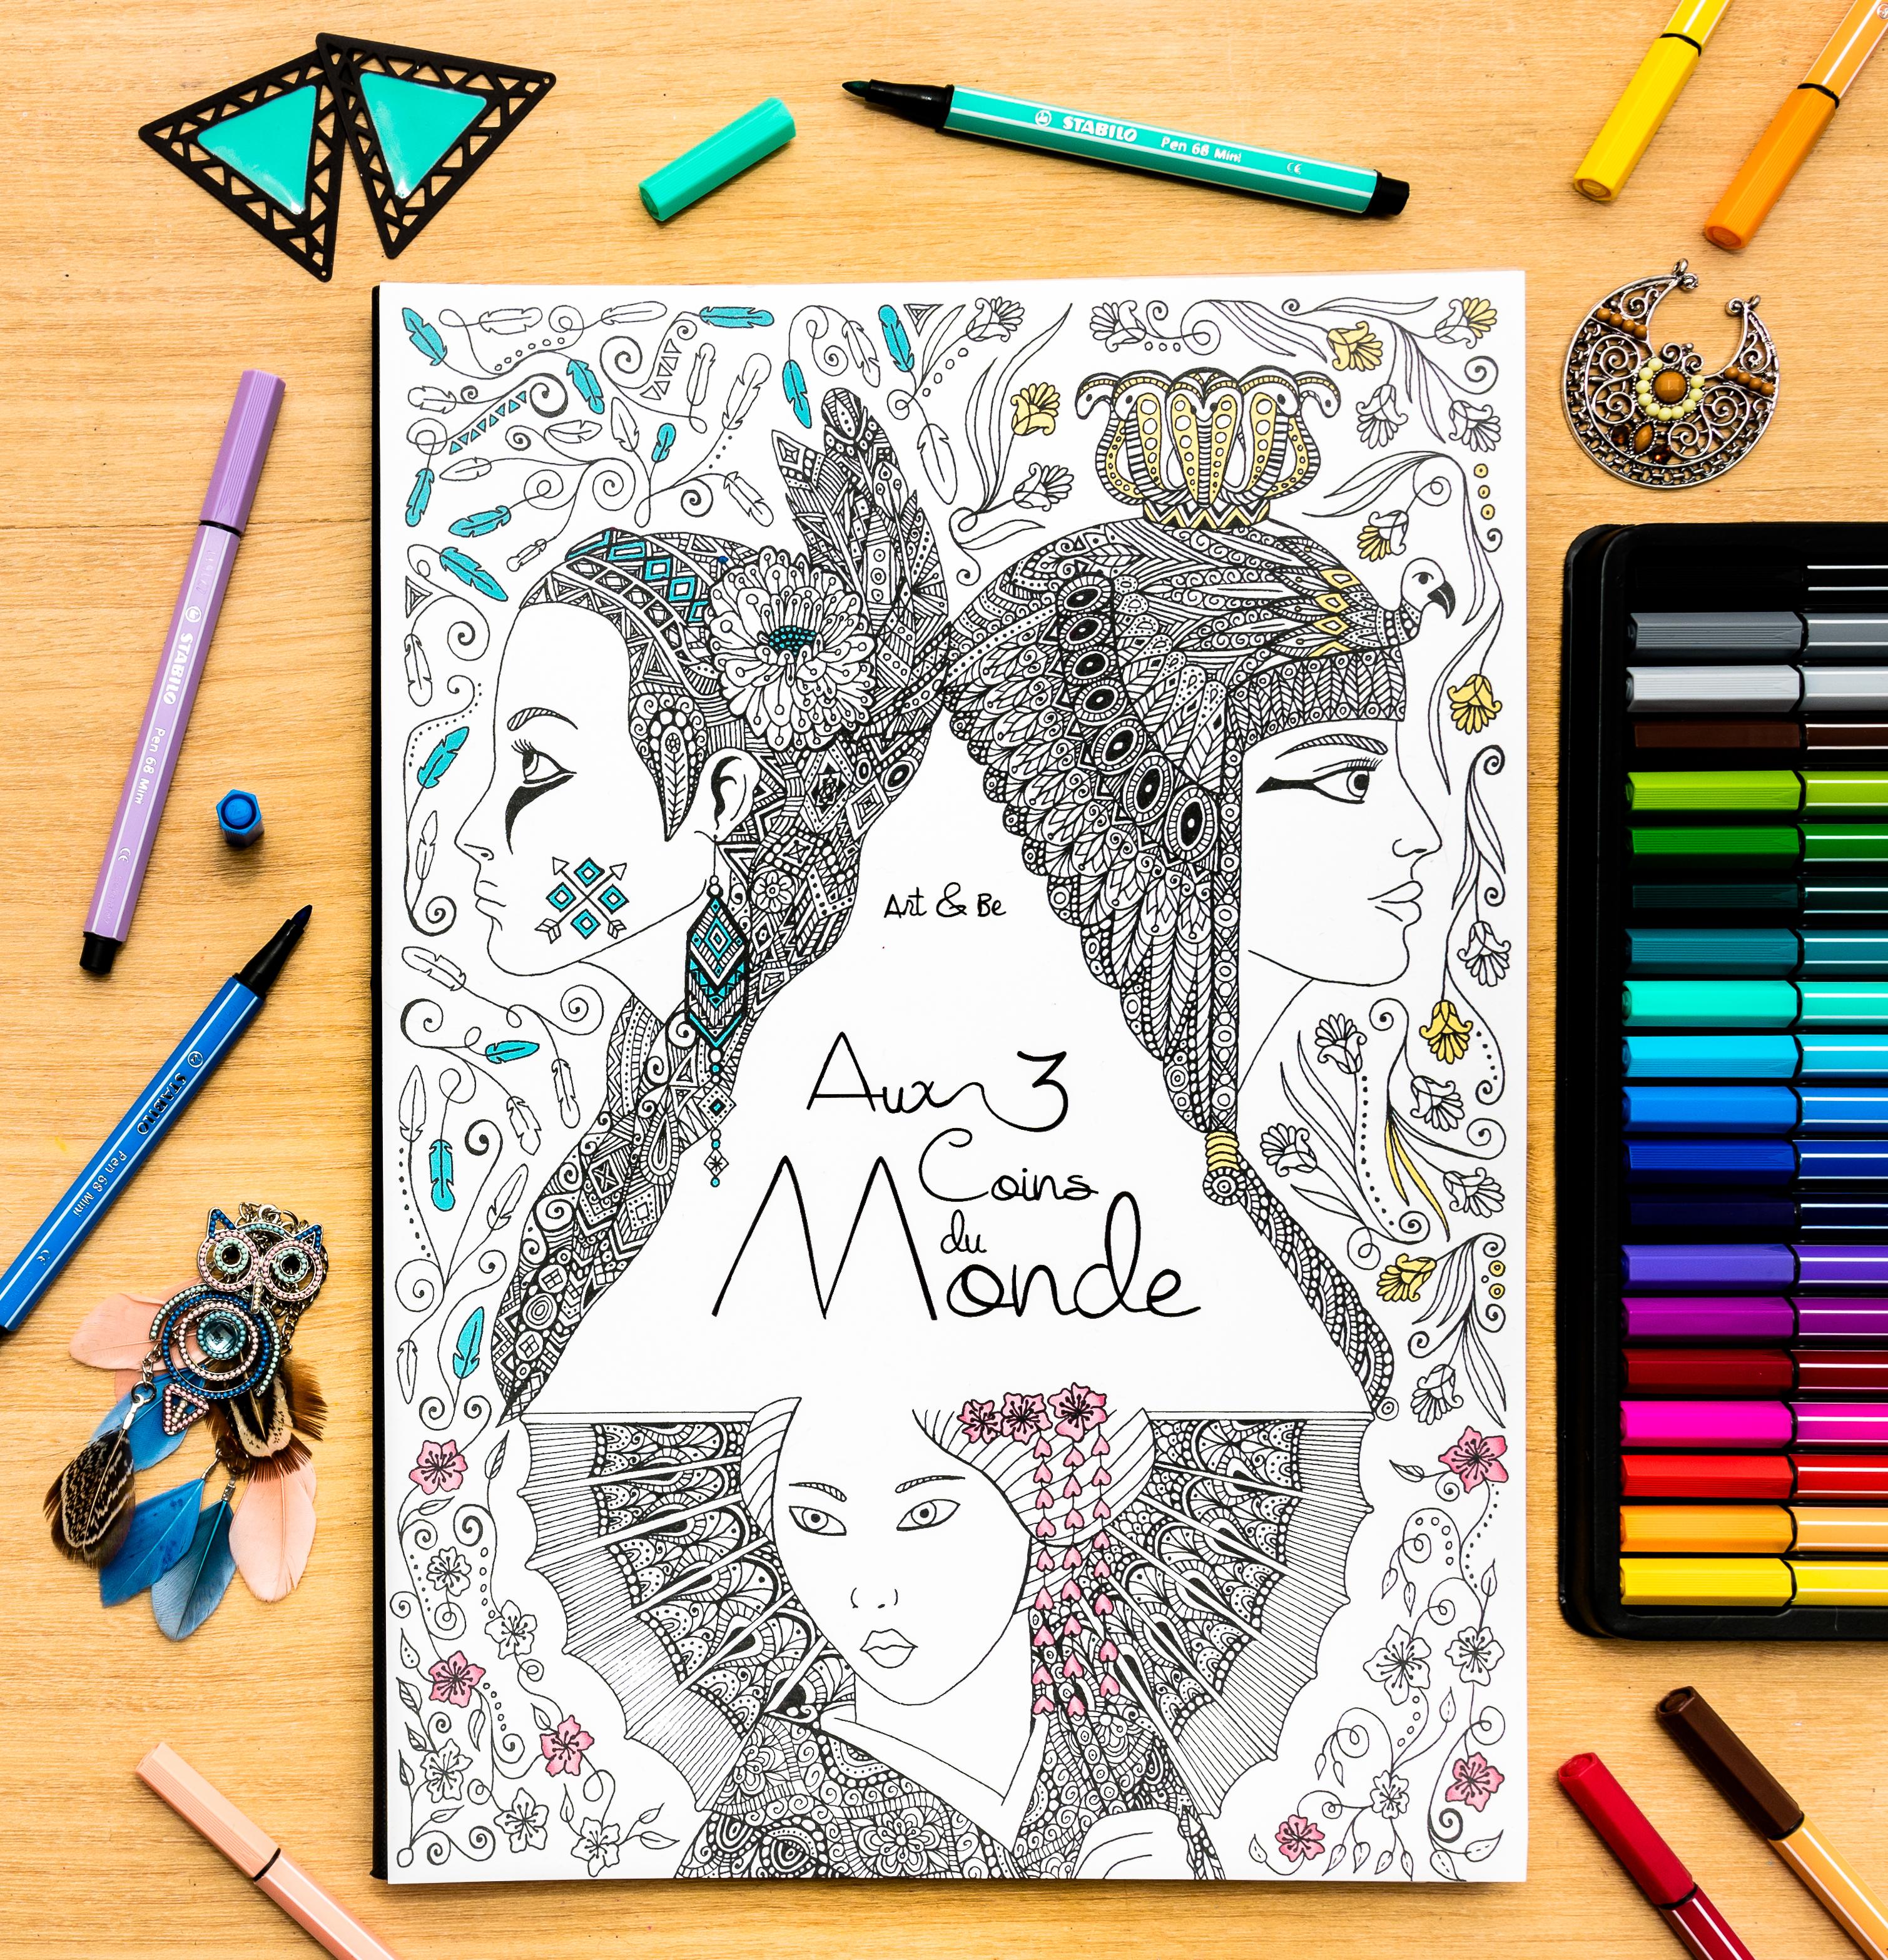 Aux trois coins du Monde, livre de coloriage illustré par Sabrina Beretta alias Art et Be